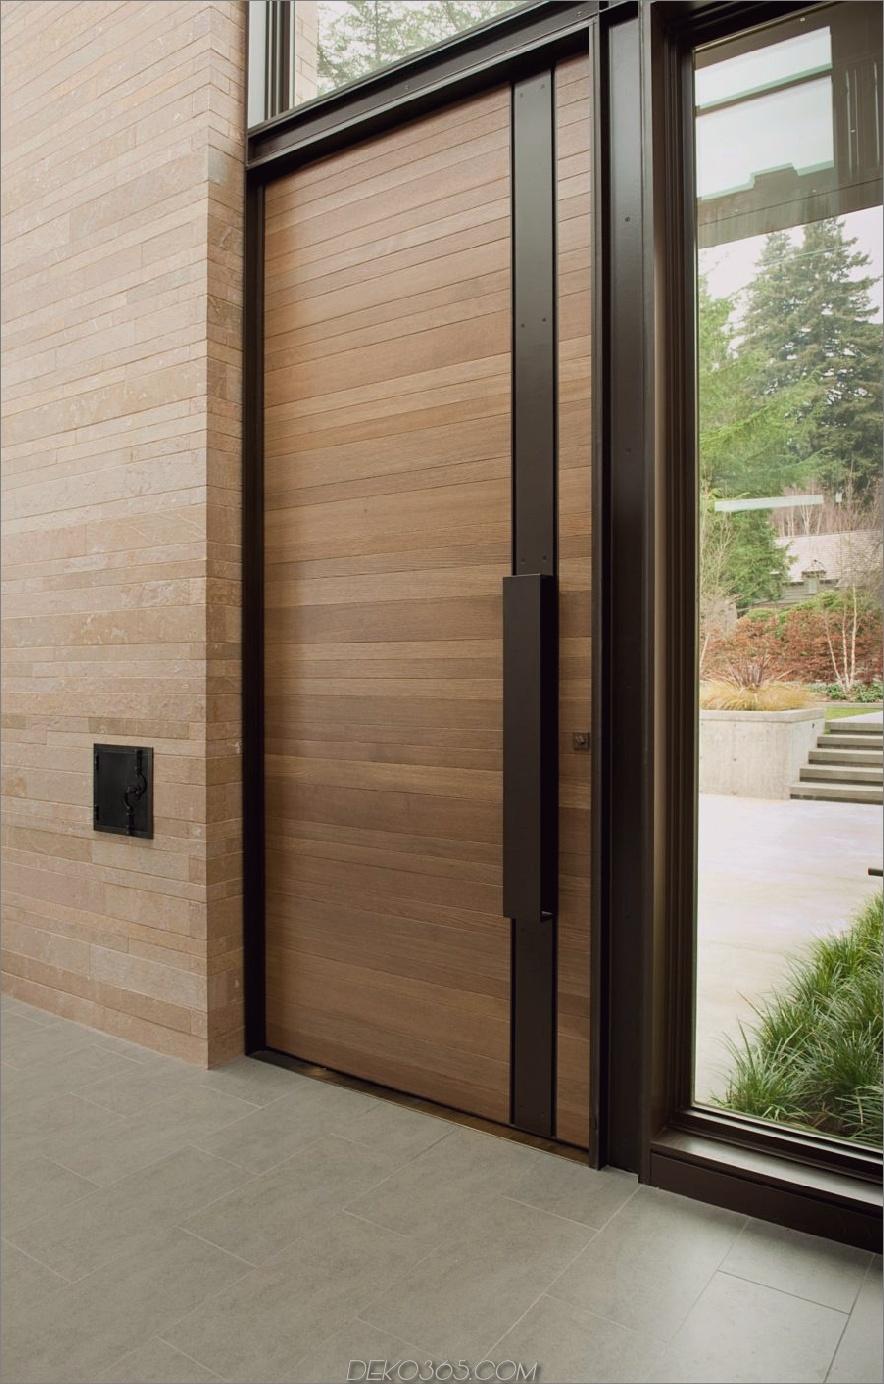 Moderne Haustür Inspiration 900x1410 20 Haustür-Designs, um Ihr Willkommen zu überarbeiten